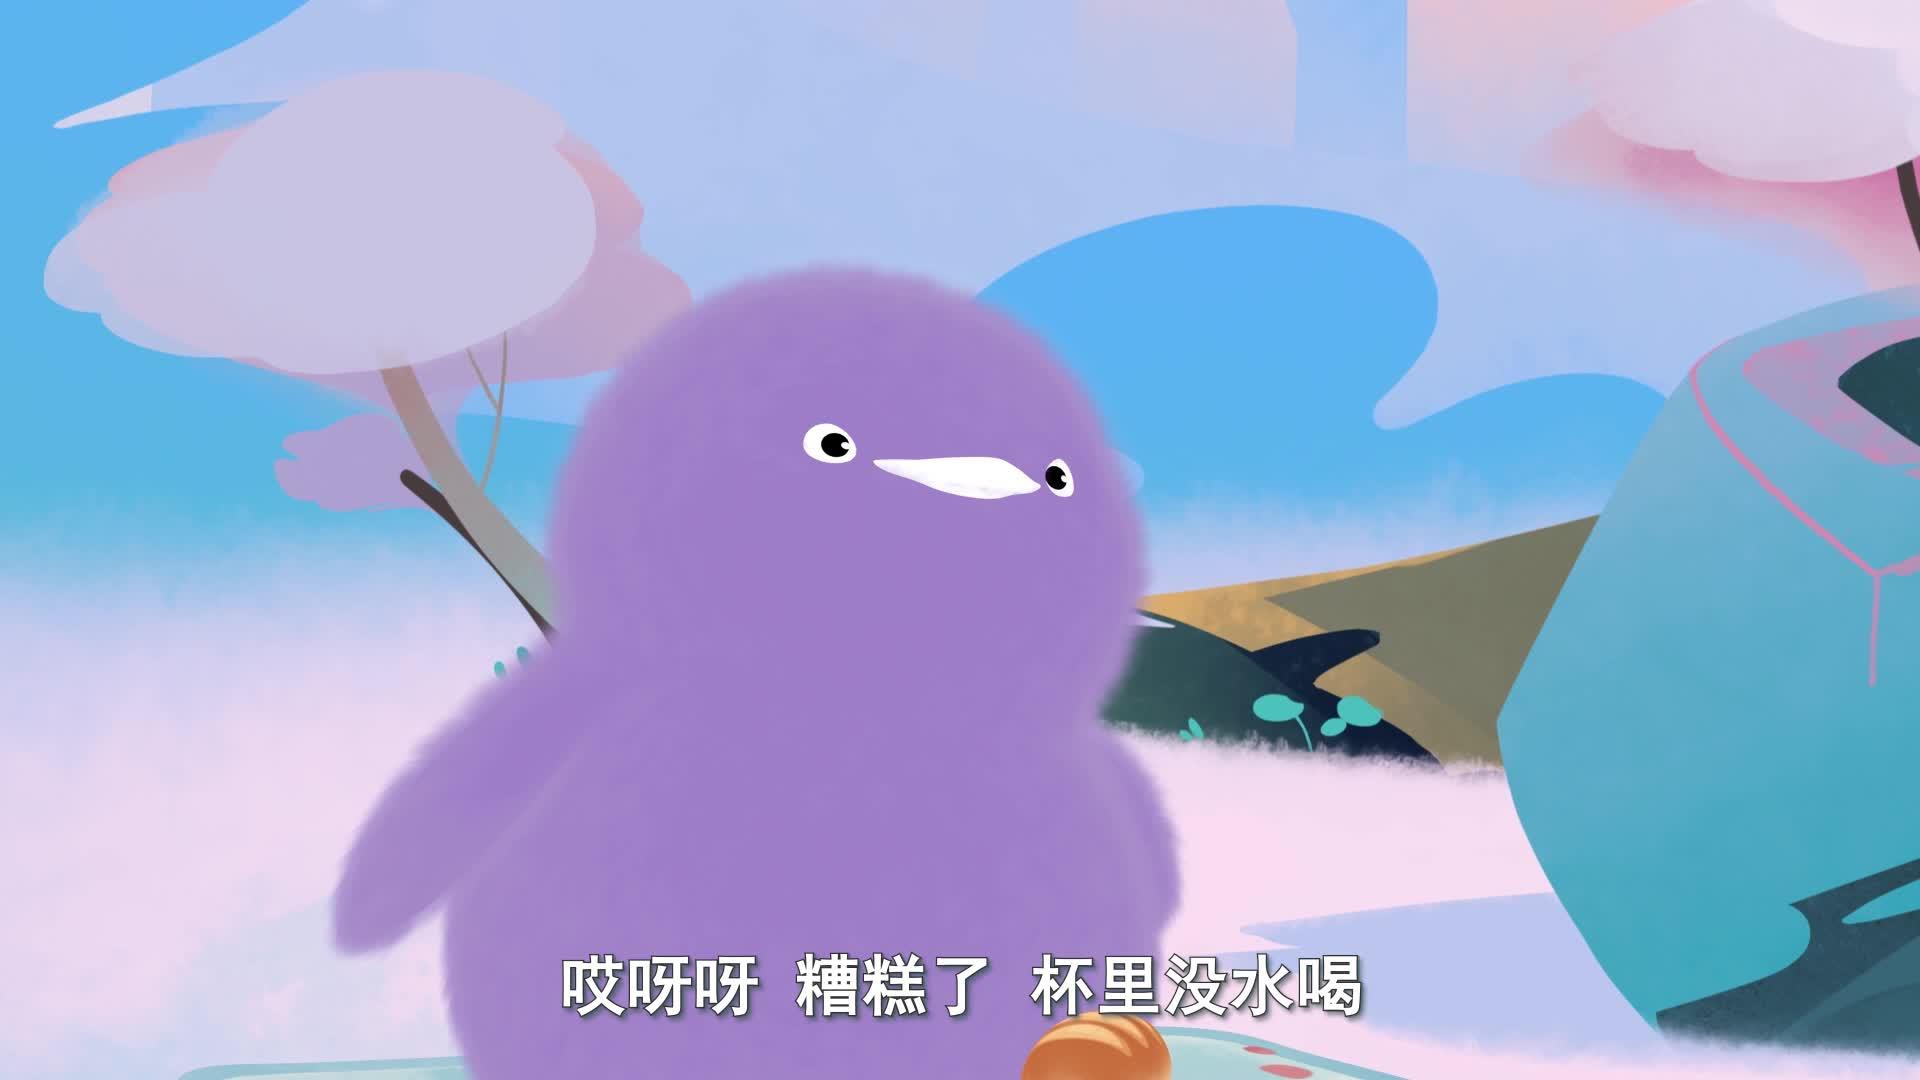 《小鸡彩虹》 第五季 06小紫的面包